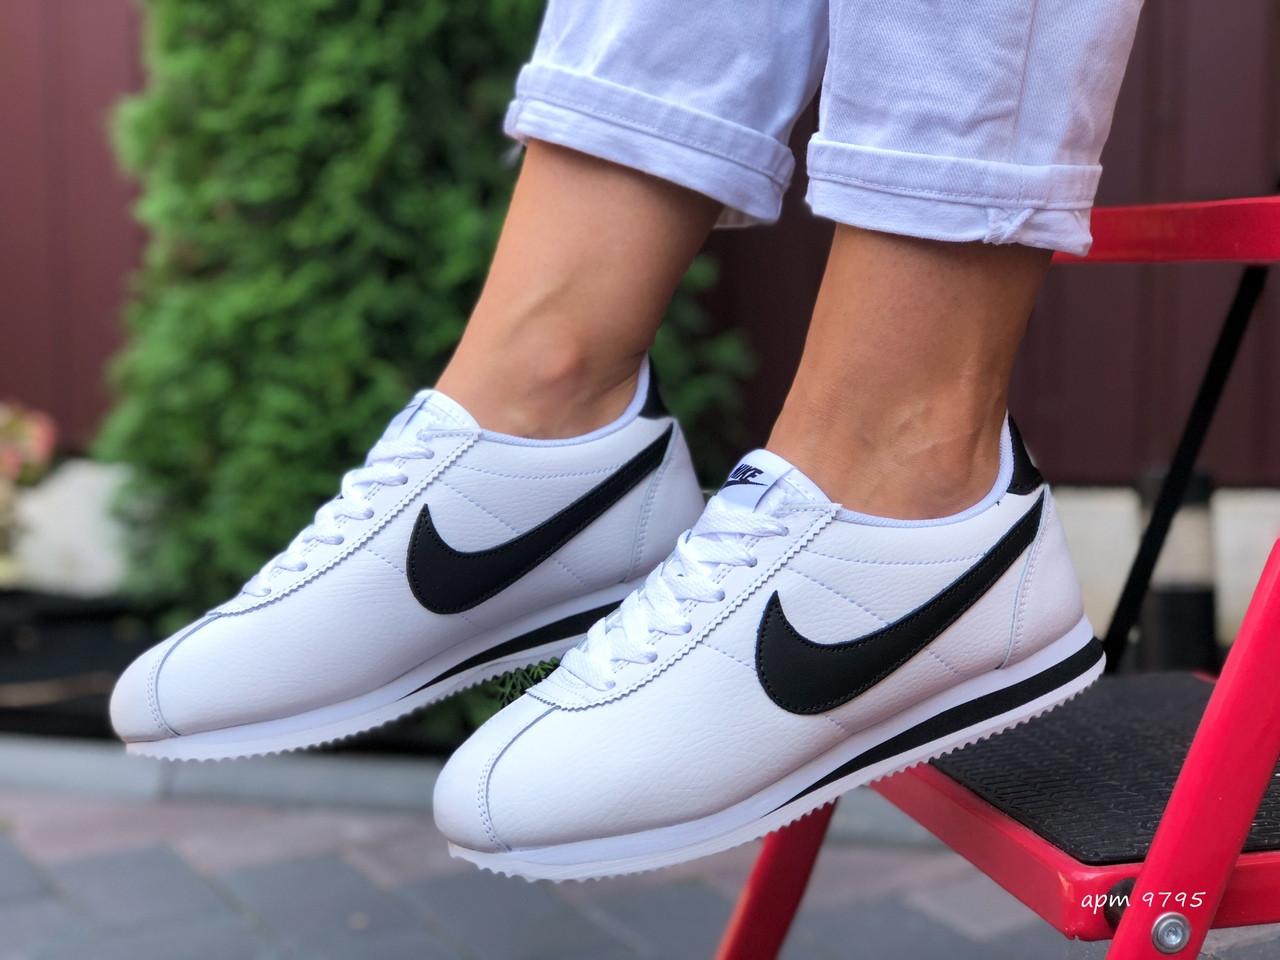 Женские кроссовки Nike Cortez (бело-черные) 9795